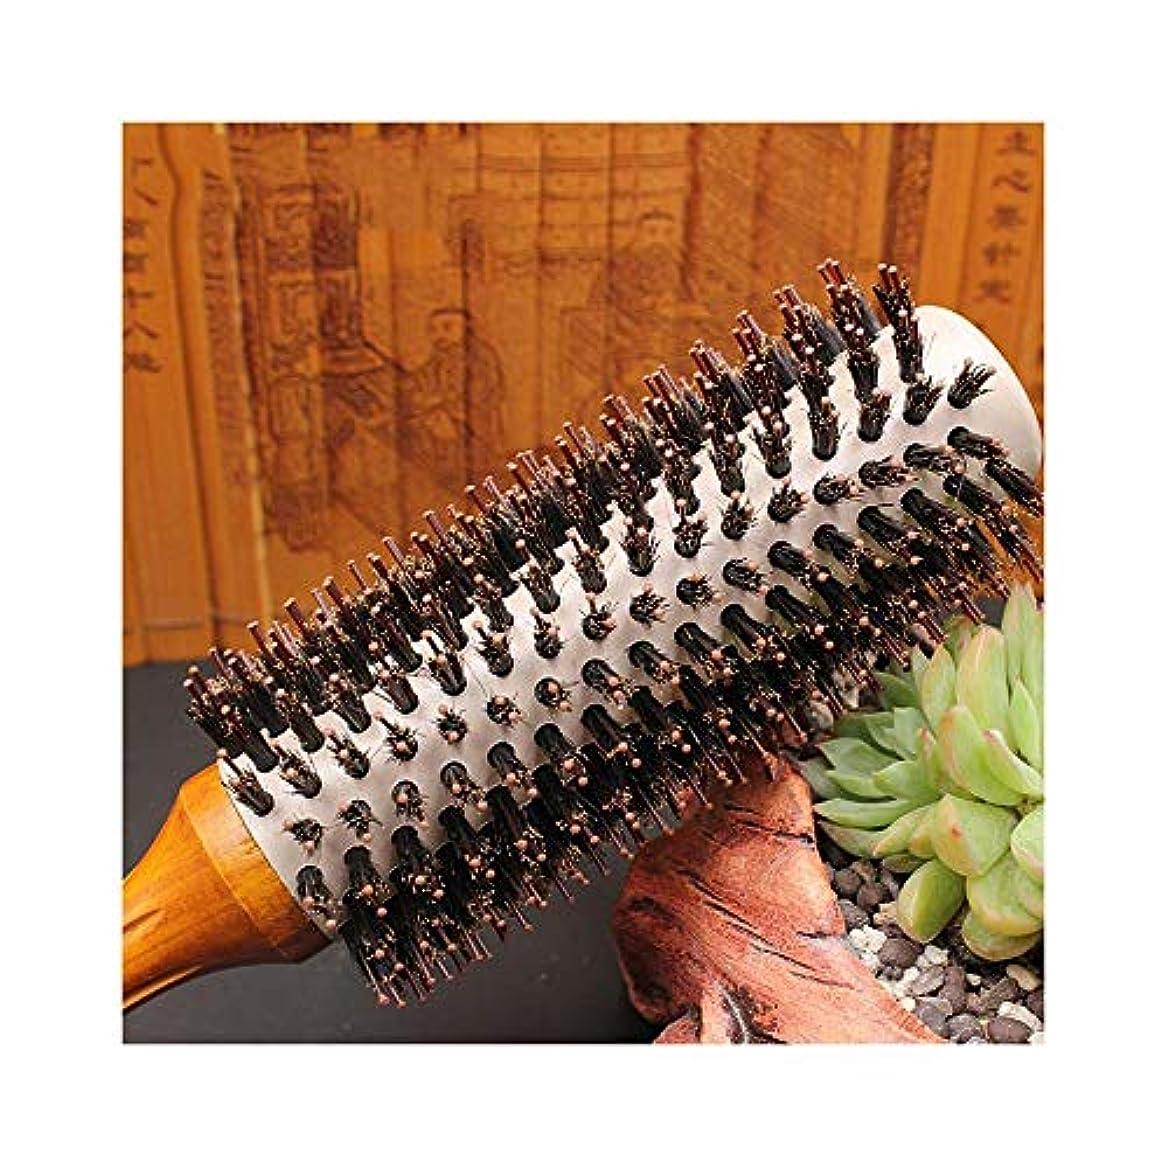 破壊的な同封する音楽WASAIO ヘアブラシプロのイノシシの毛の丸い櫛-ブロードライヘアブラシ-イノシシの毛とすべての髪のスタイルのナイロンピン (サイズ : S)